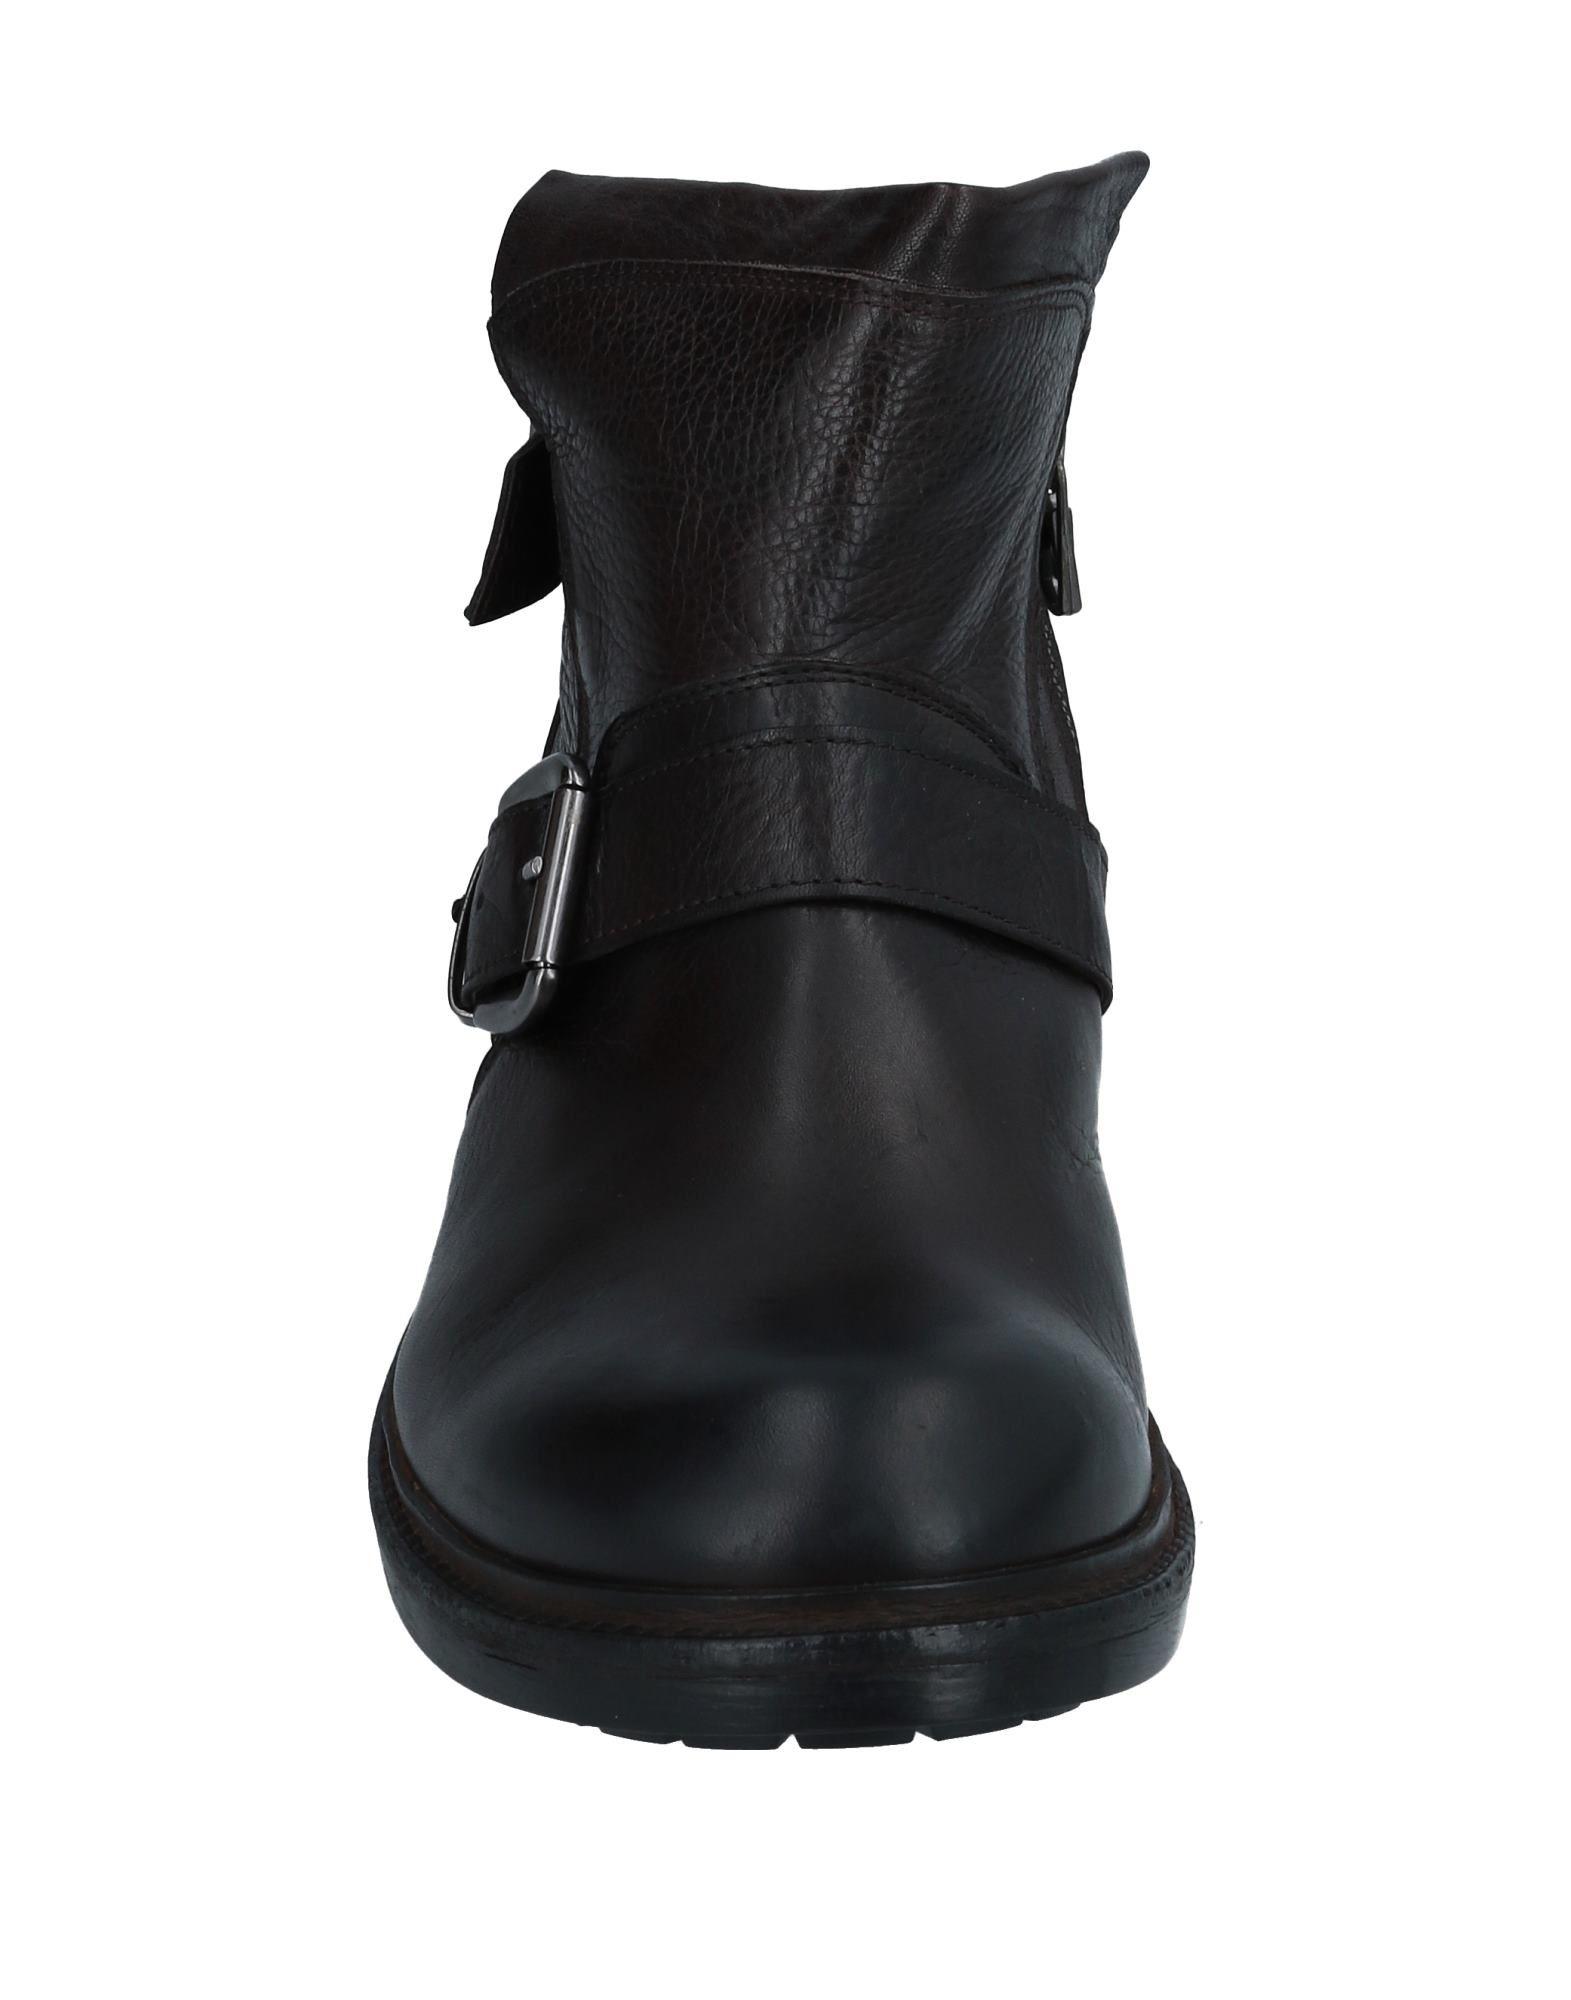 Franco Fedele Boots - Men Franco Fedele Australia Boots online on  Australia Fedele - 11557412CW ff24fe